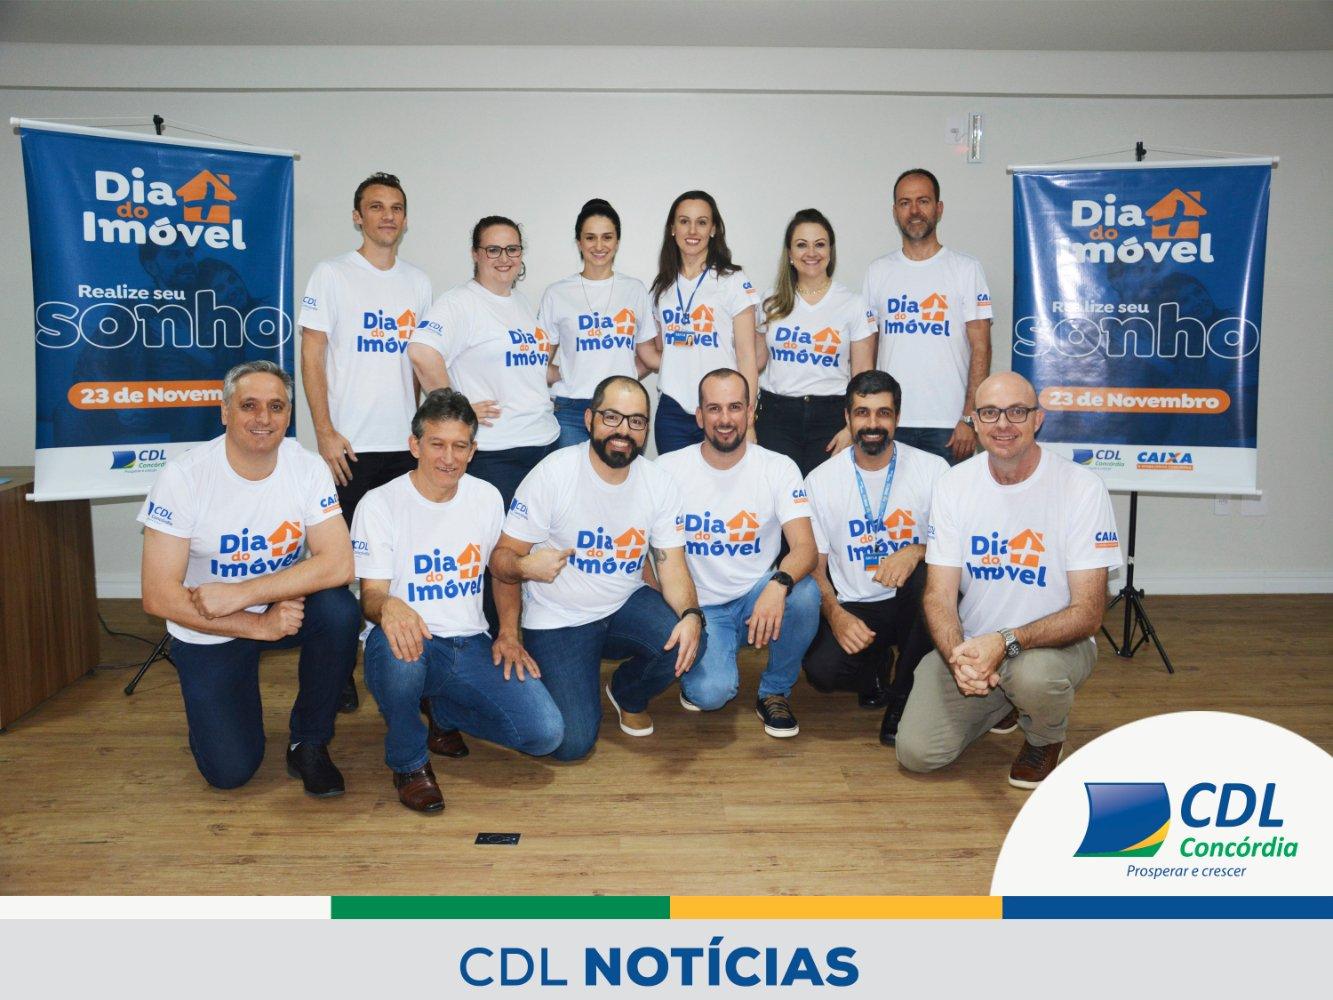 CDL, Caixa Econômica e imobiliárias de Concórdia realizam Dia + do Imóvel